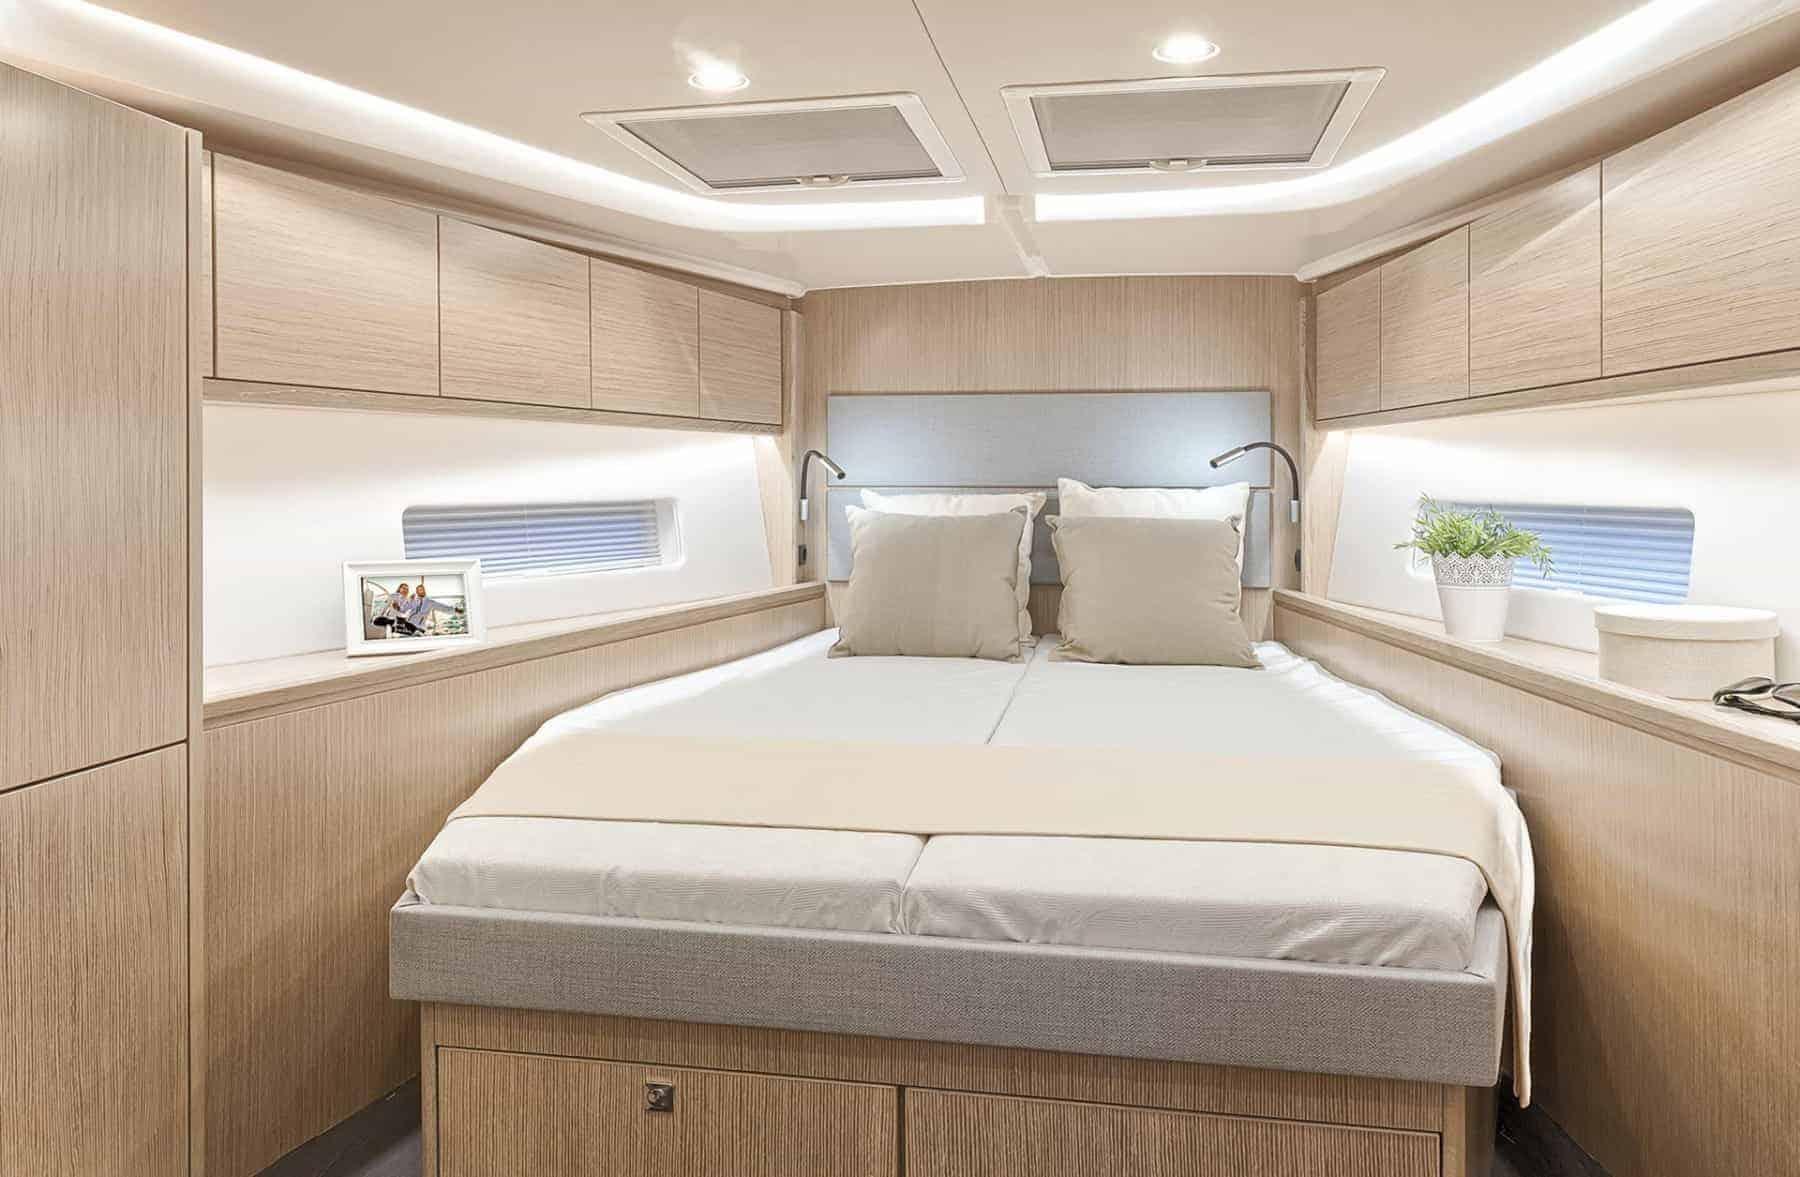 Bavaria C45 interior cabin